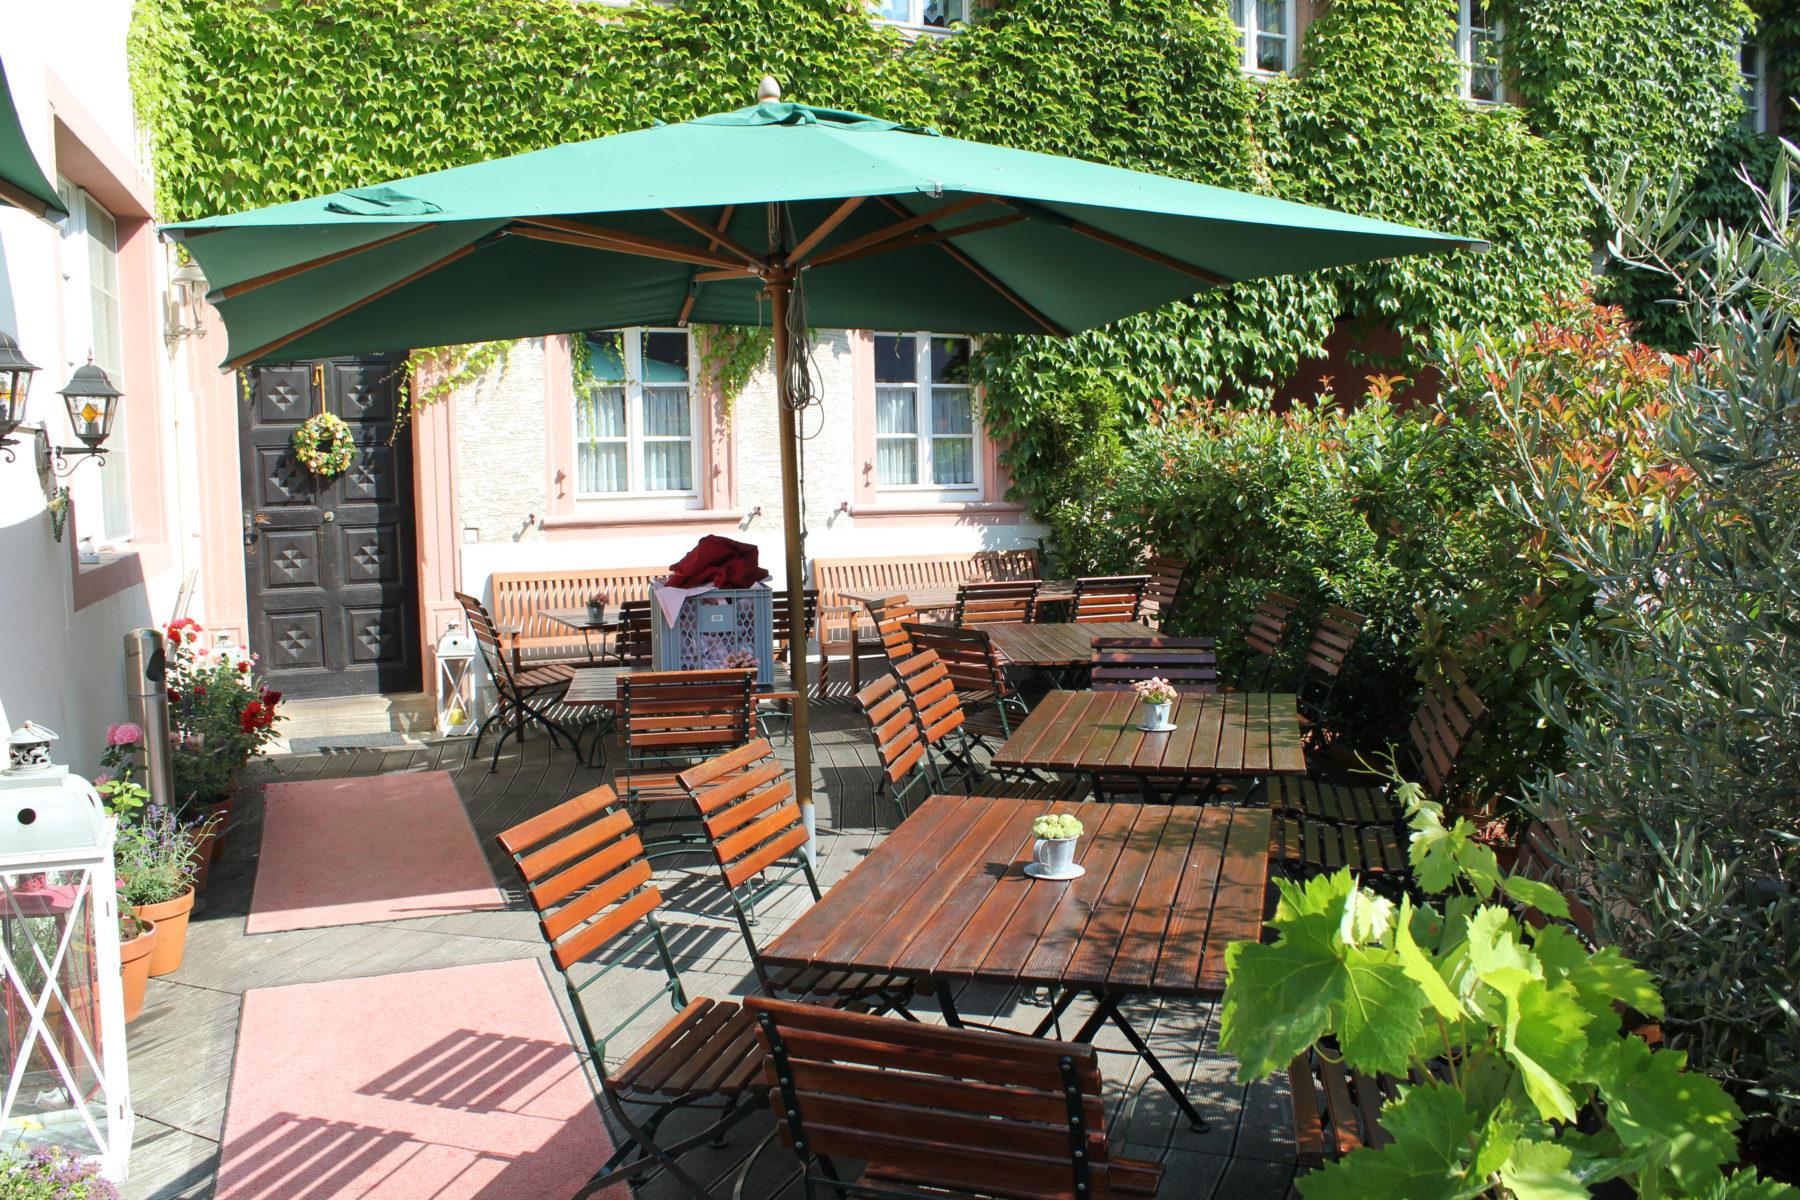 Restaurant-Terrasse Leininger Hof